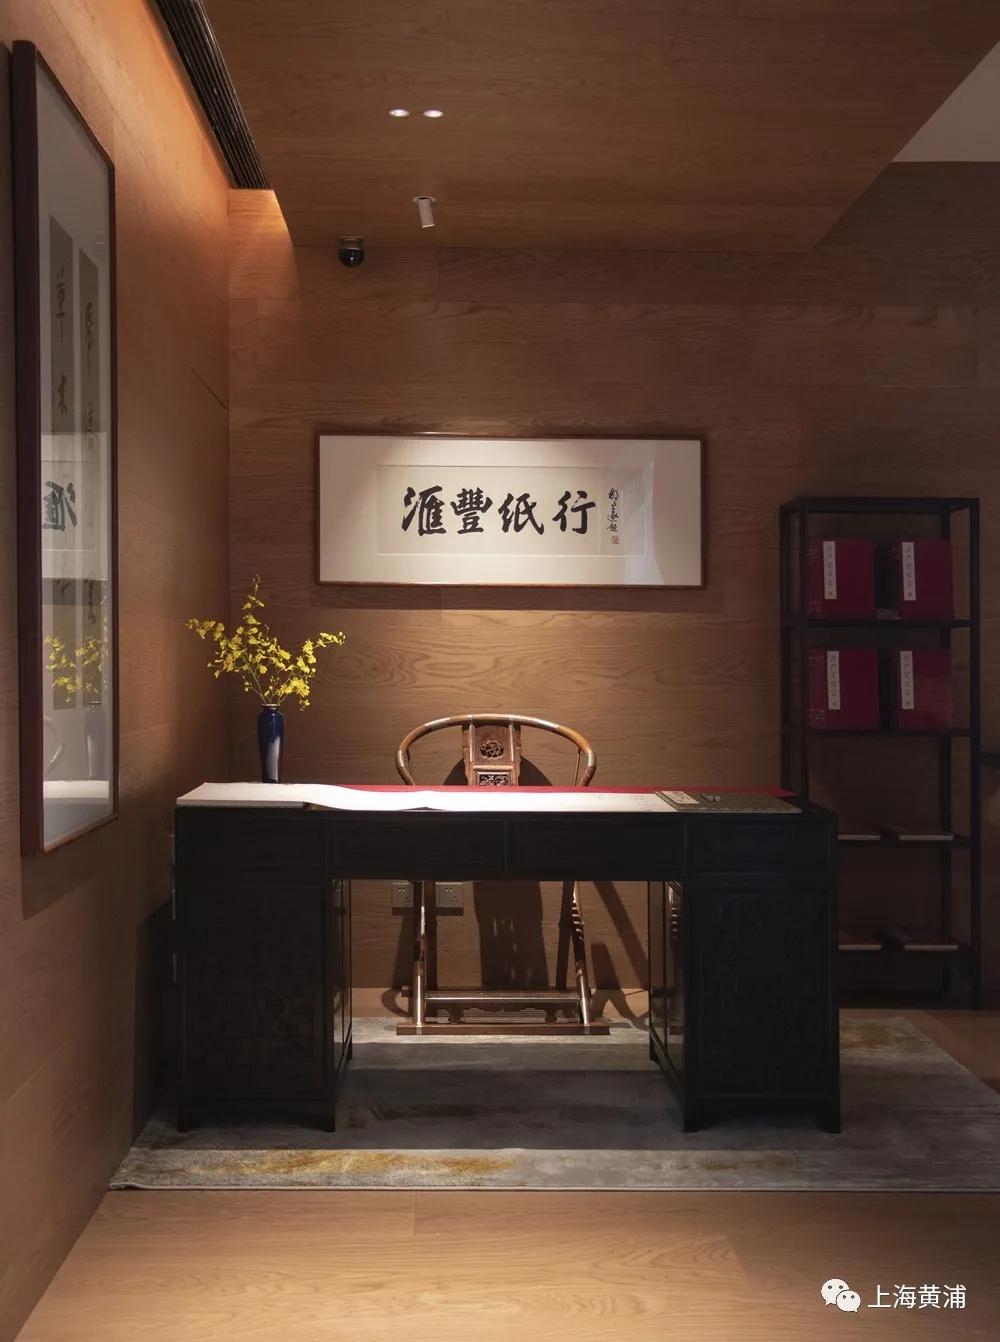 """""""纸张大王""""上海汇丰纸行重回福州路,曾是上海最大的纸行-第4张图片-蓝狮娱乐"""